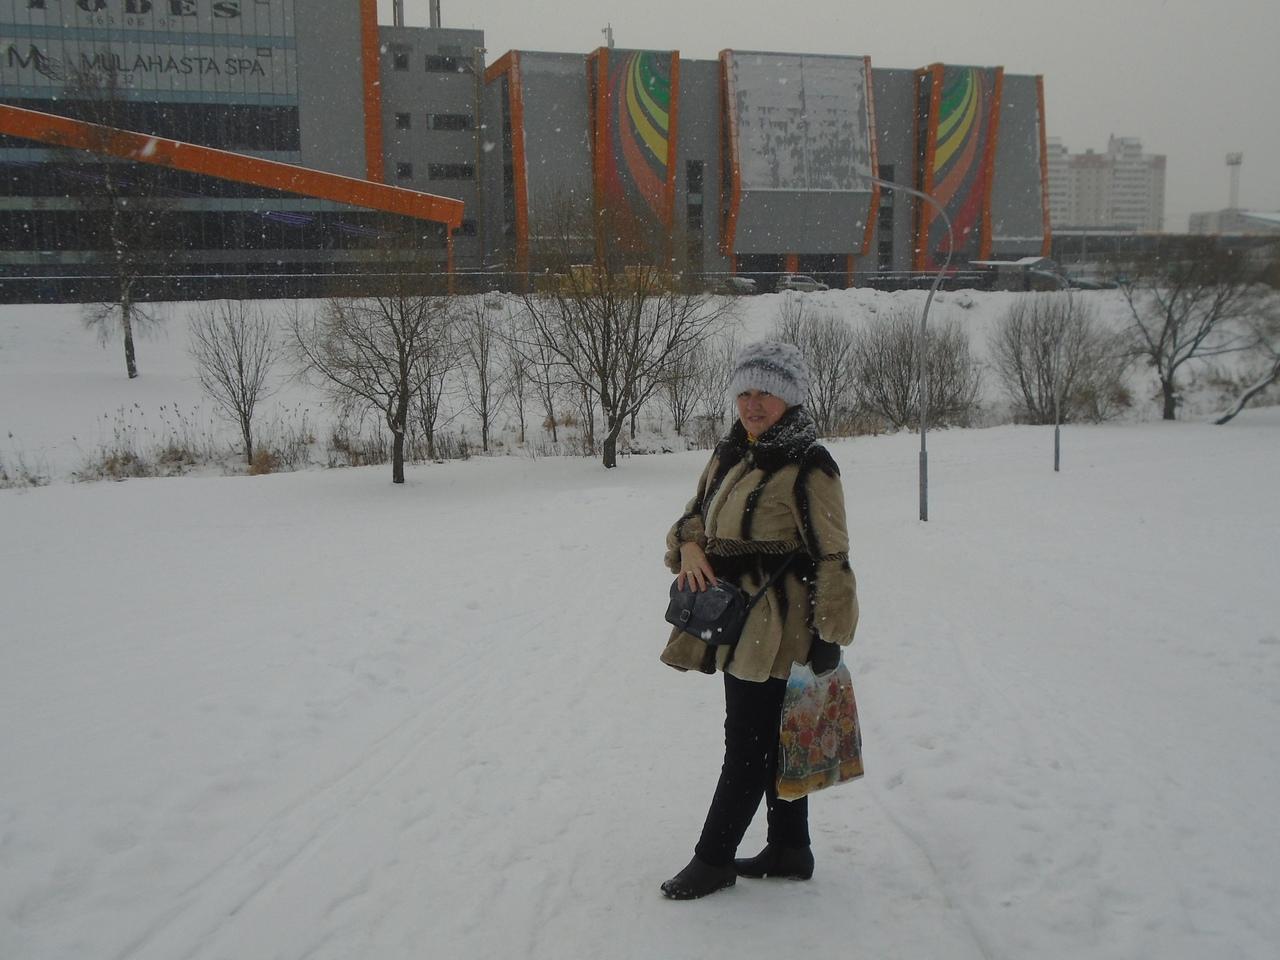 Прогулка вдоль Муринского парка